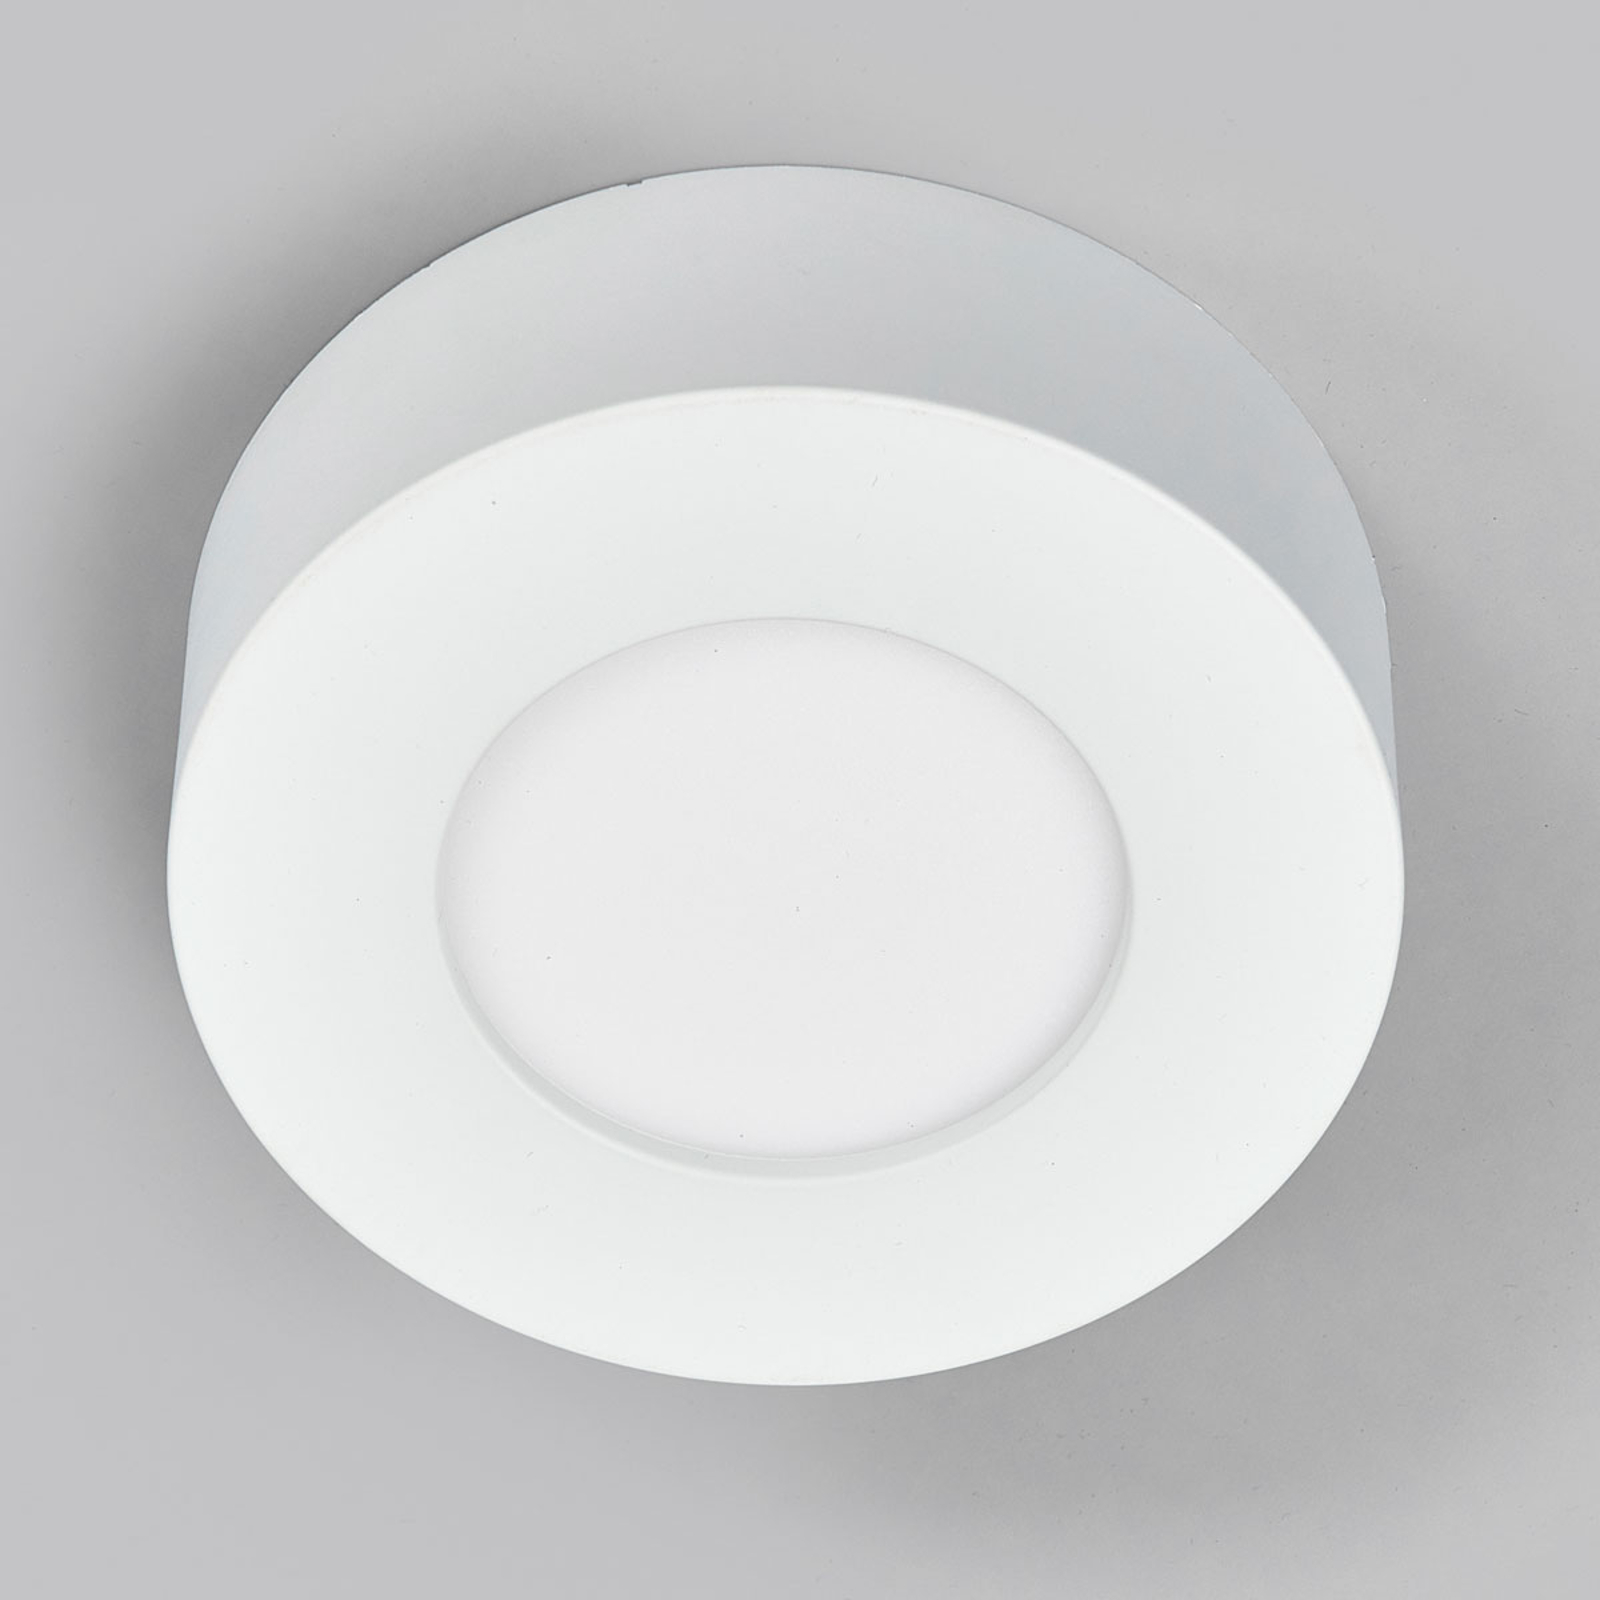 LED-Deckenlampe Marlo weiß 4000K rund 12,8cm